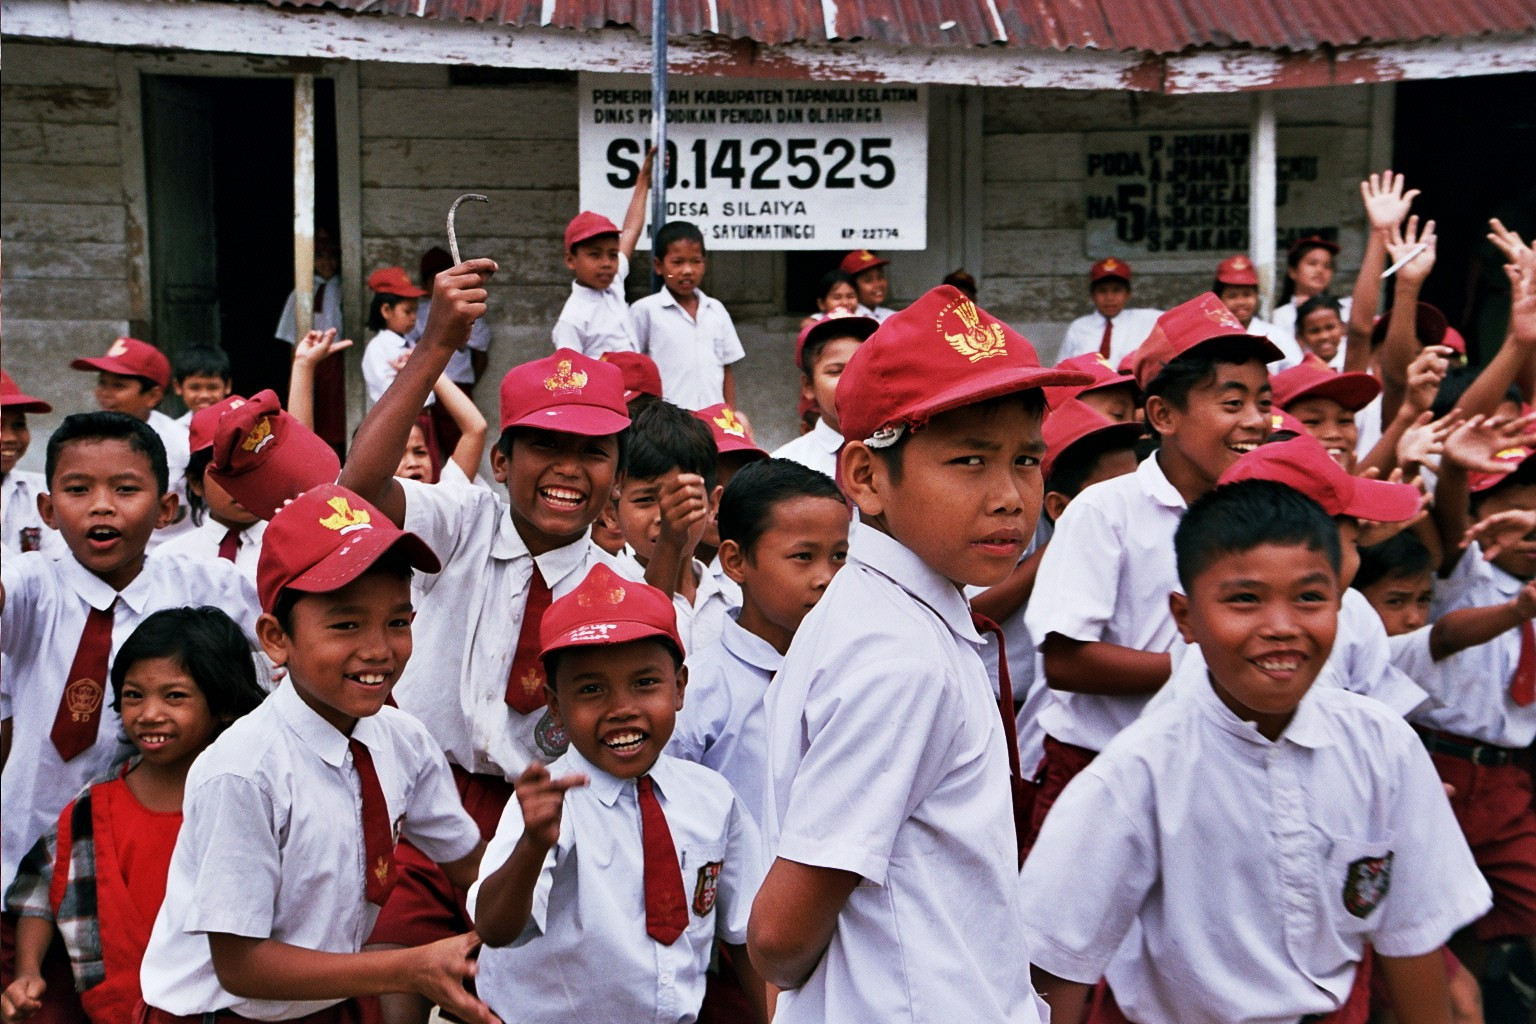 รัฐบาลกลางอินโดนีเซียออกข้อกำหนดให้โรงเรียนต้องอนุญาตนักเรียน-ครูเลือกแต่งกายได้เอง